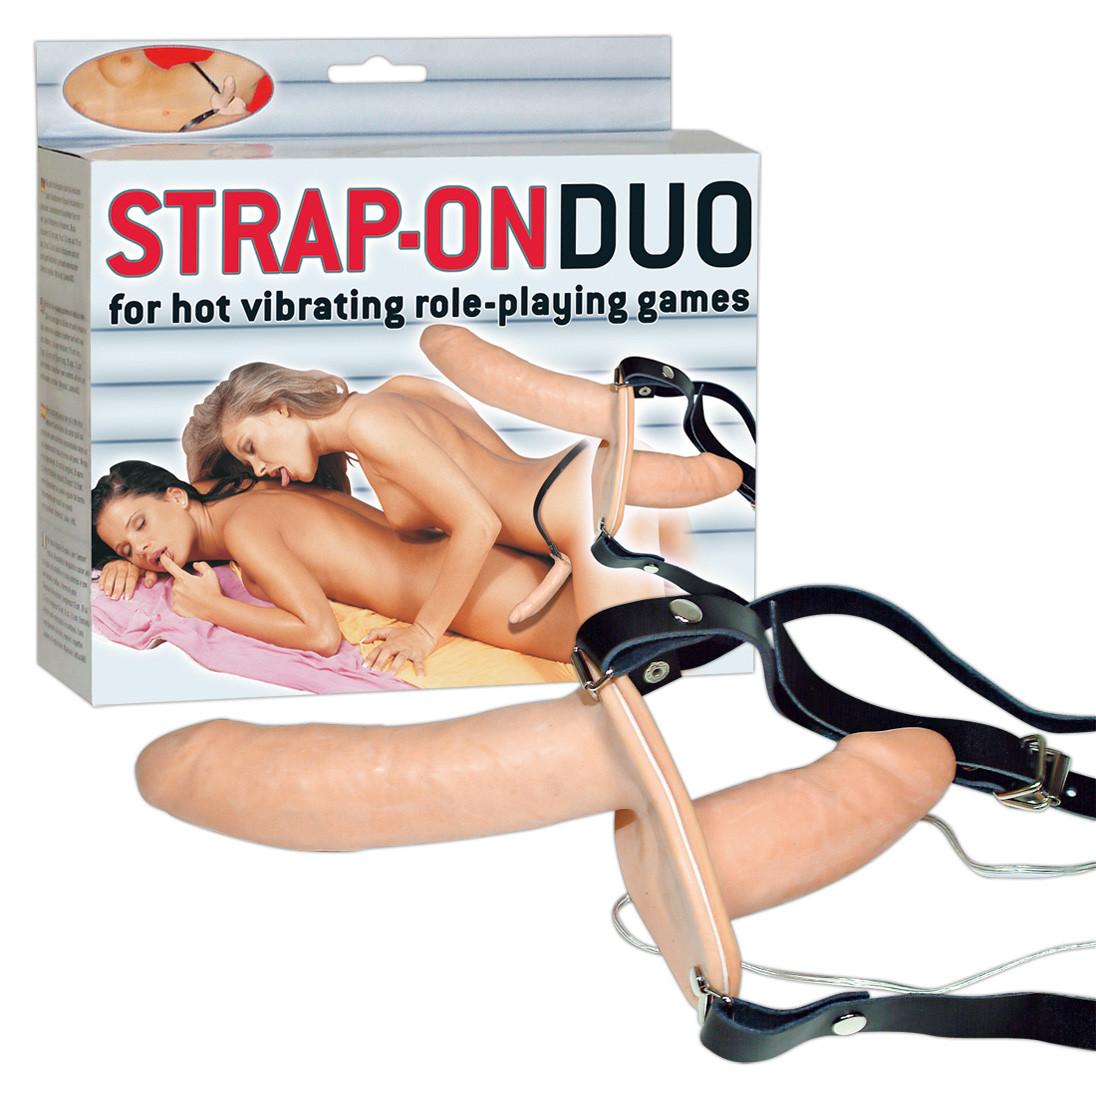 Двоен страп-он с вибрации, 17см. – Strap-On Duo Vibro